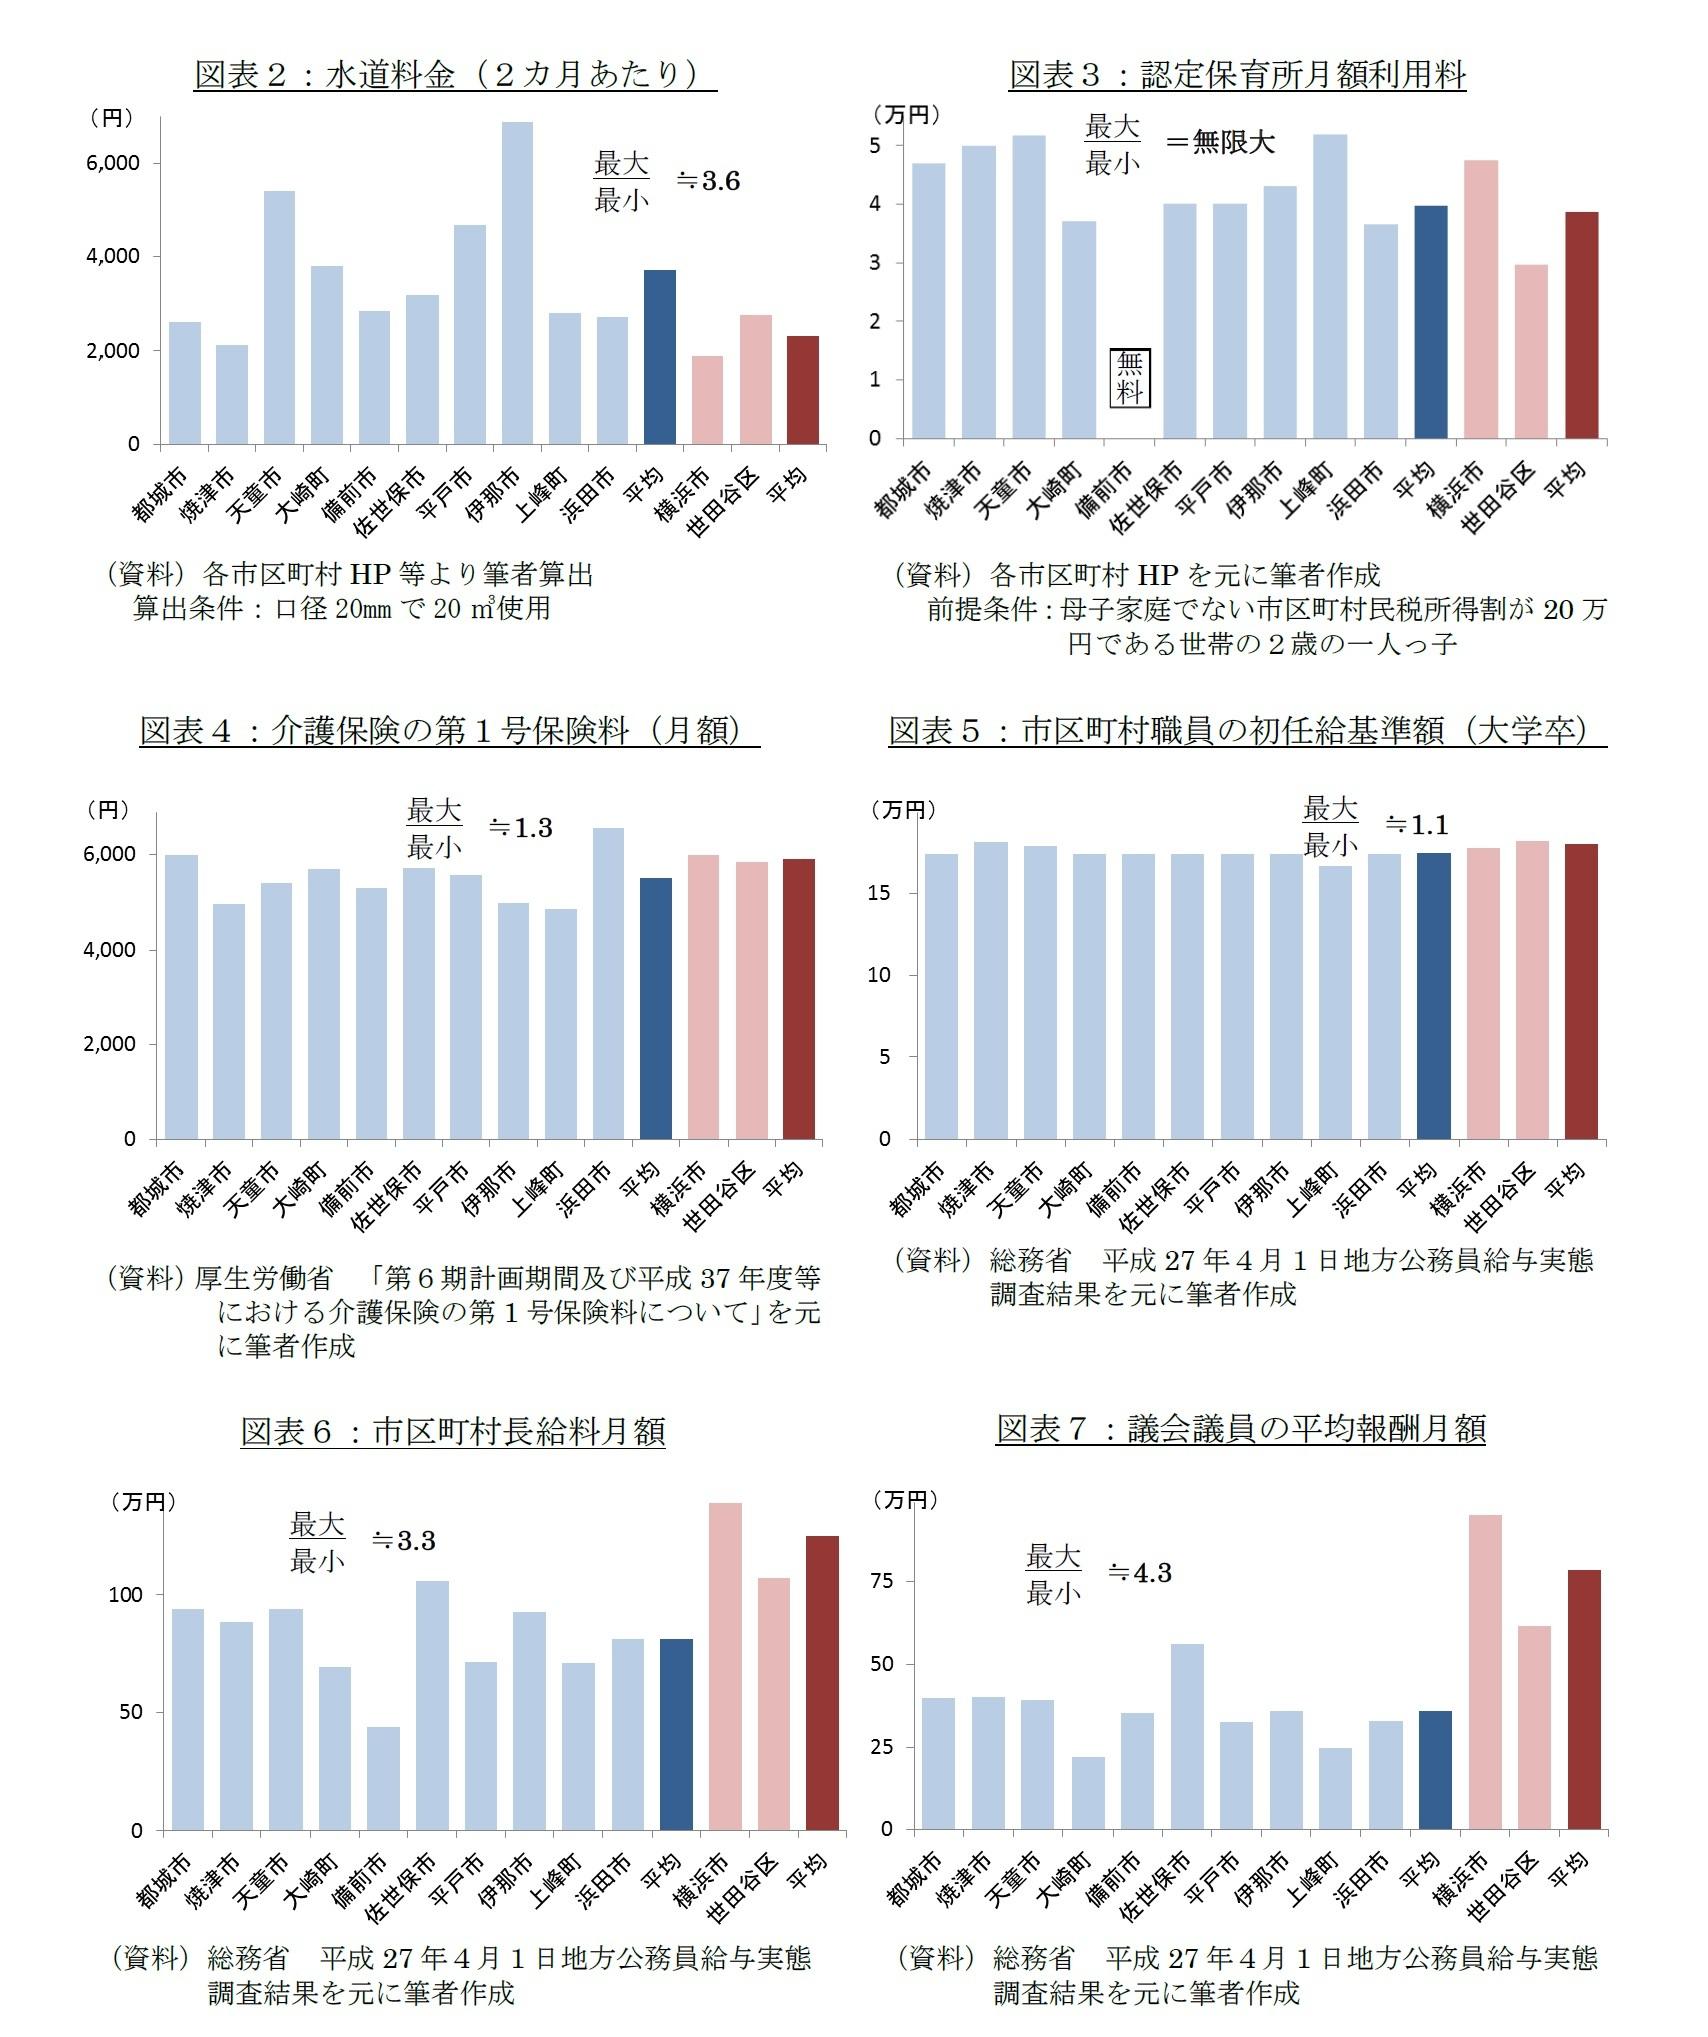 図表2:水道料金(2カ月あたり)/図表3:認定保育所月額利用料/図表4:介護保険の第1号保険料(月額)/図表5:市区町村職員の初任給基準額(大学卒)/図表6:市区町村長給料月額/図表7:議会議員の平均報酬月額